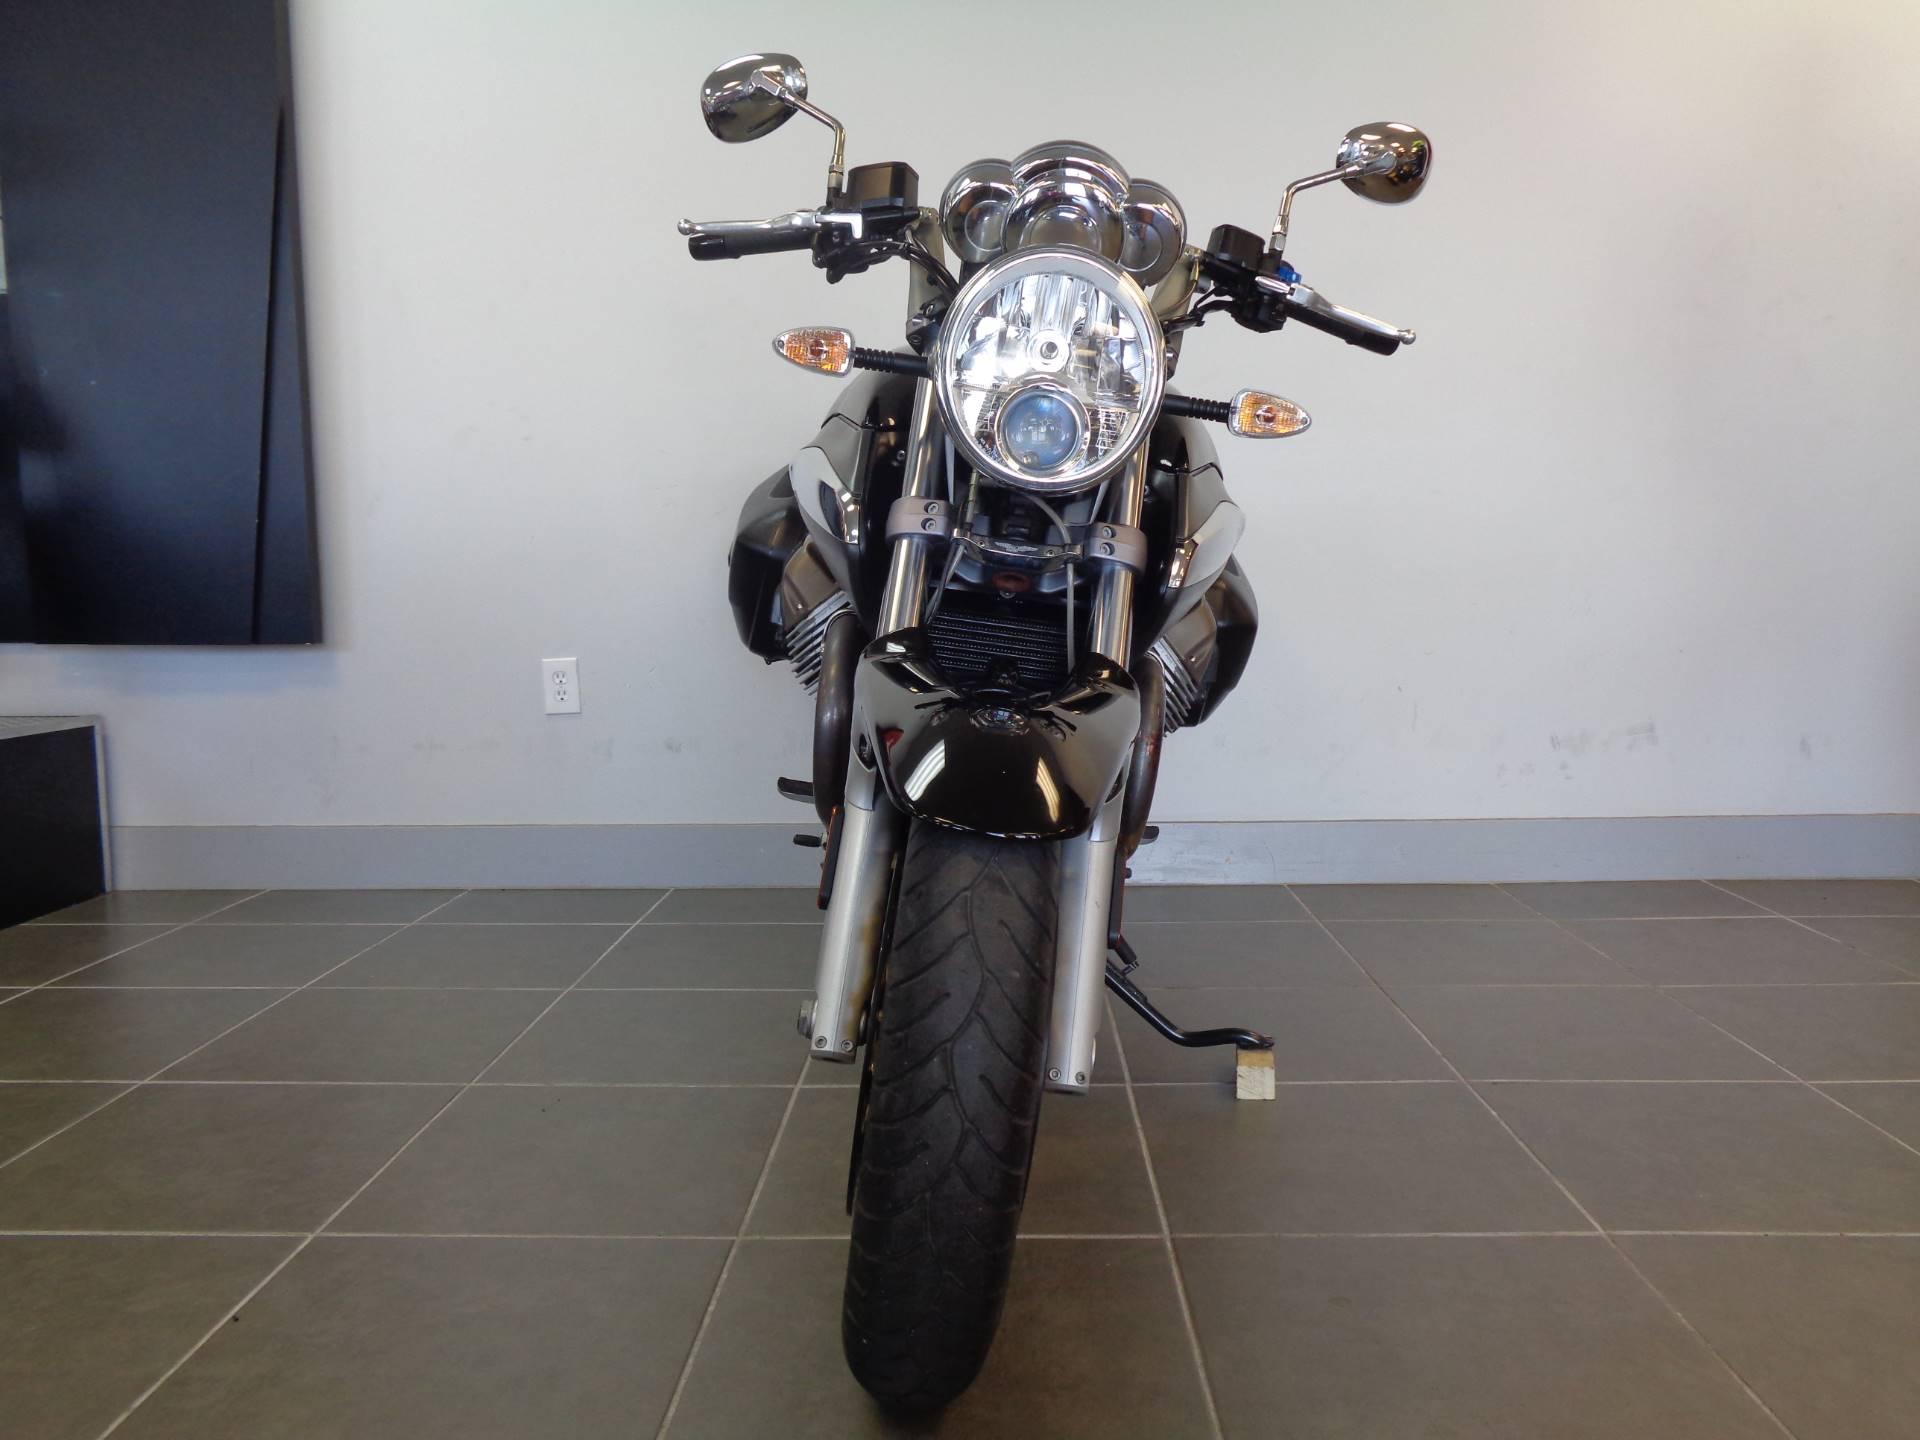 2007 Moto Guzzi Breva 1100 8